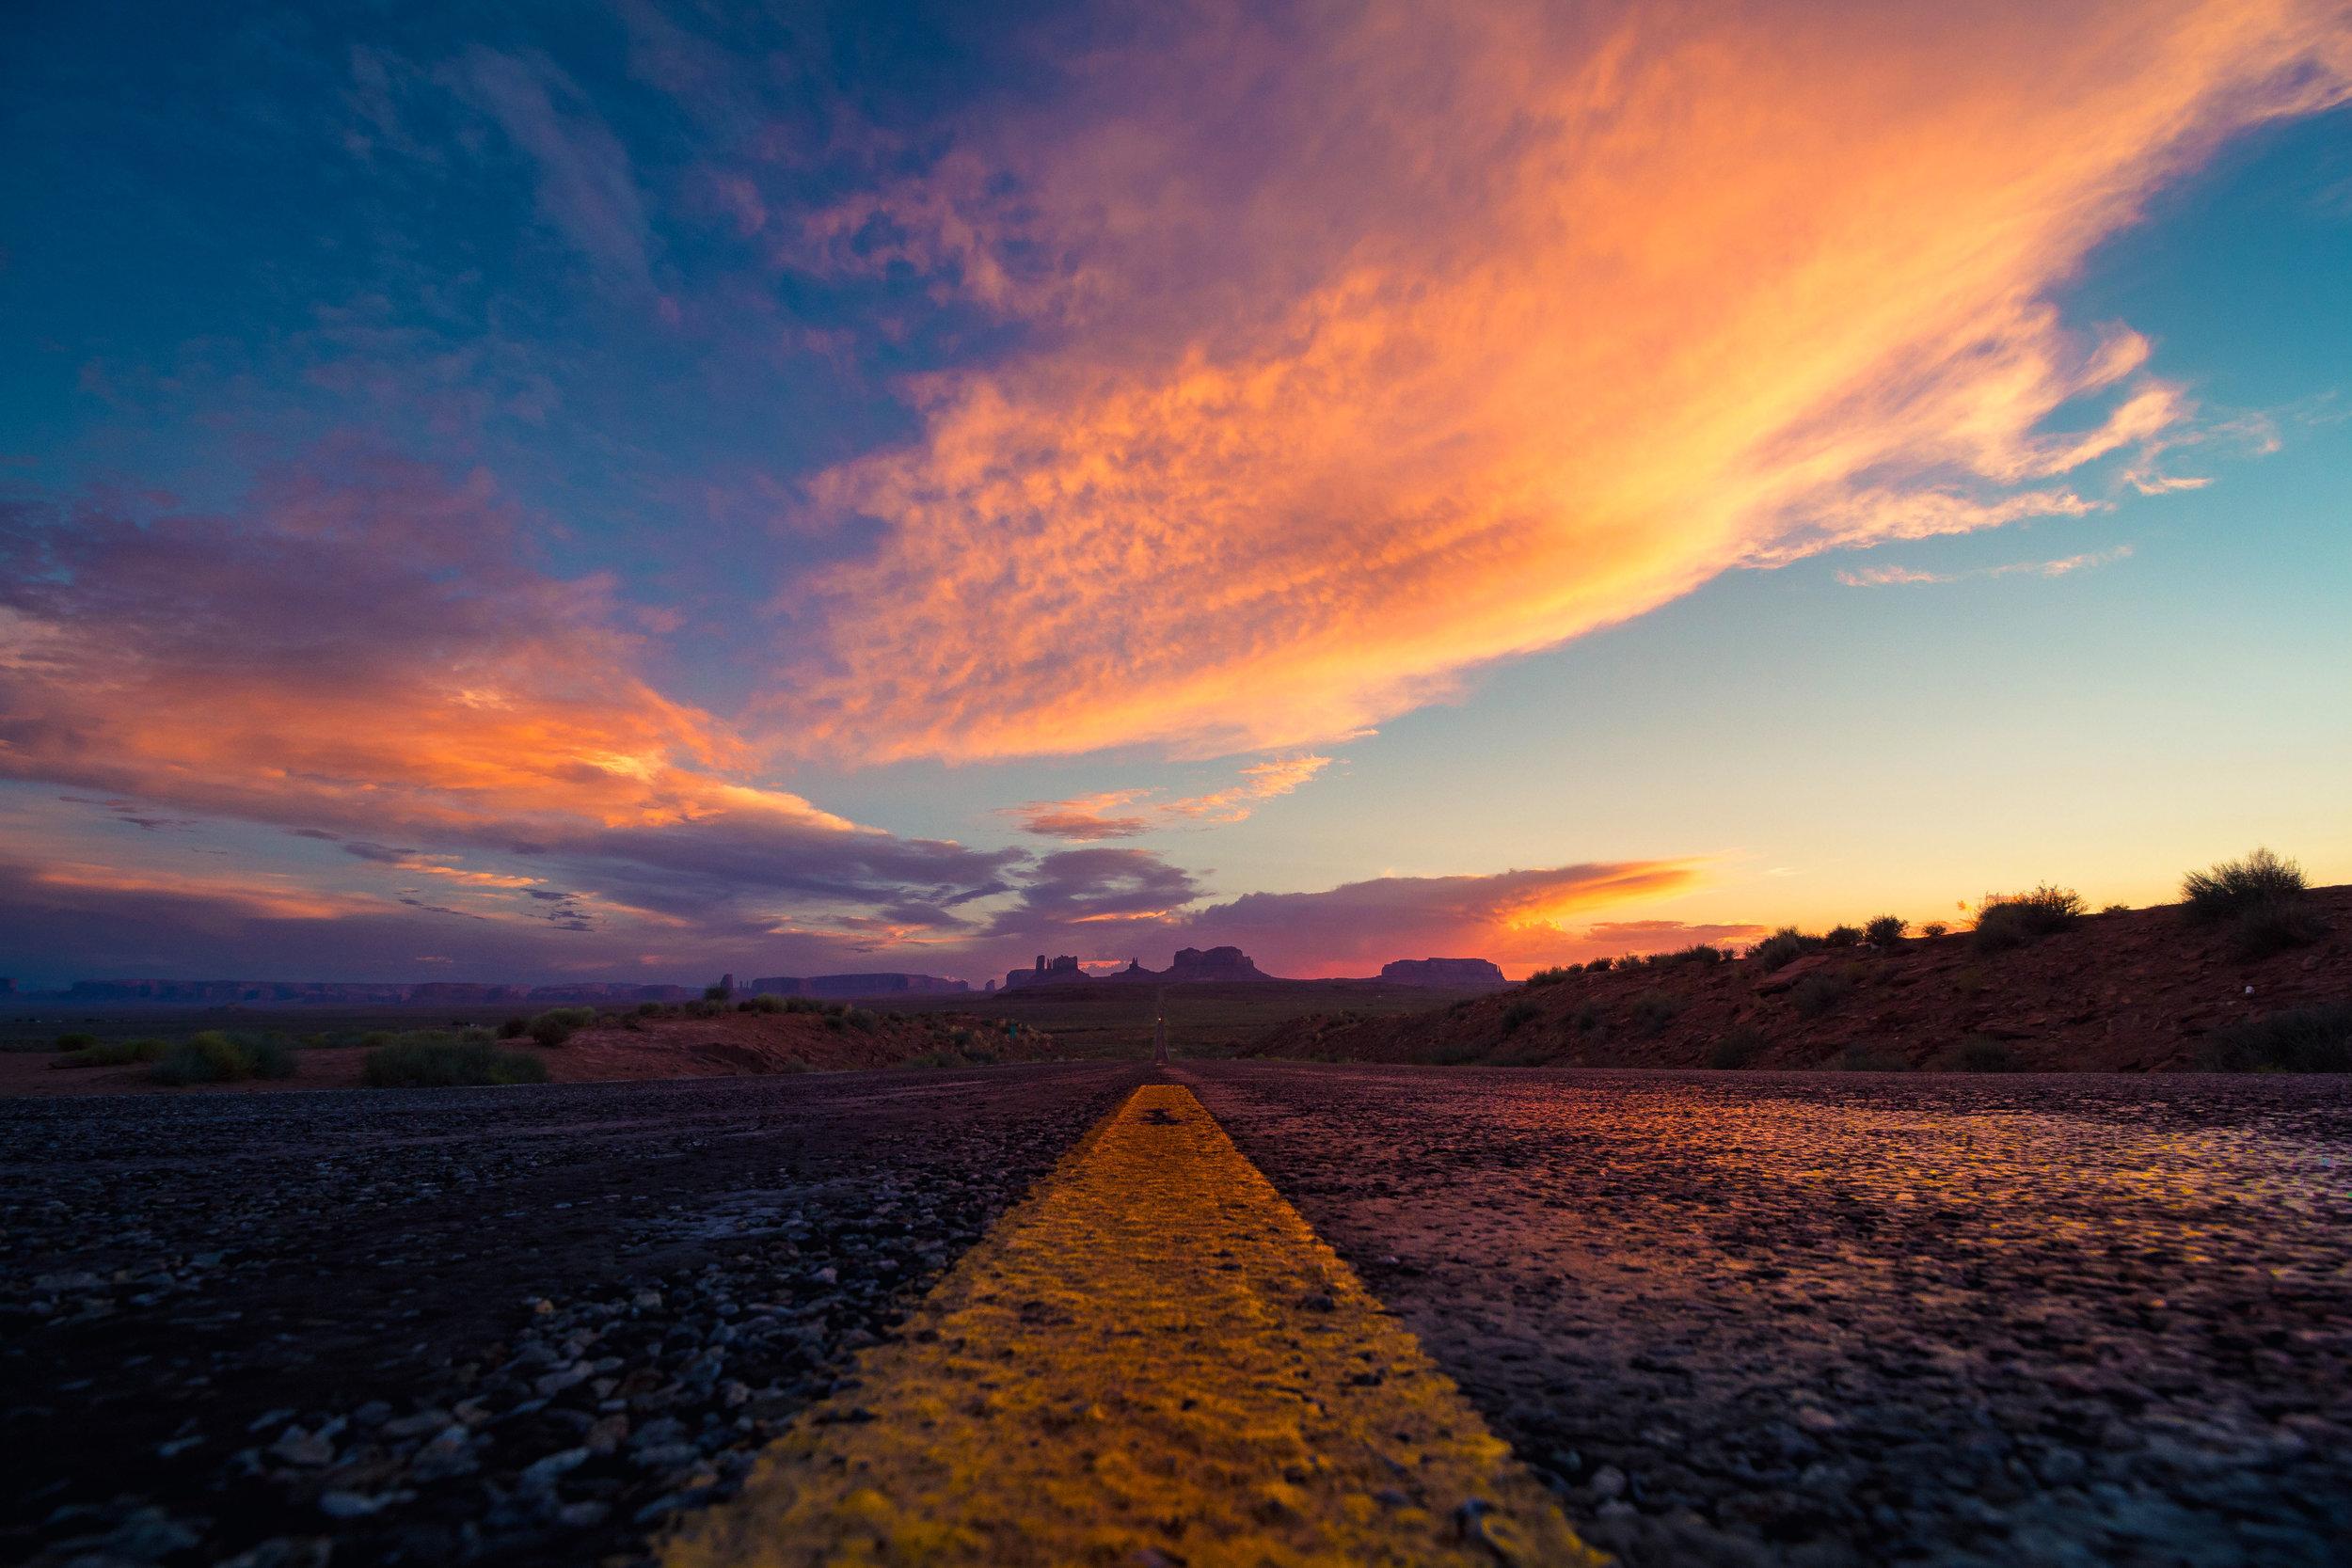 Monument Valley at Sunset, Utah/Arizona